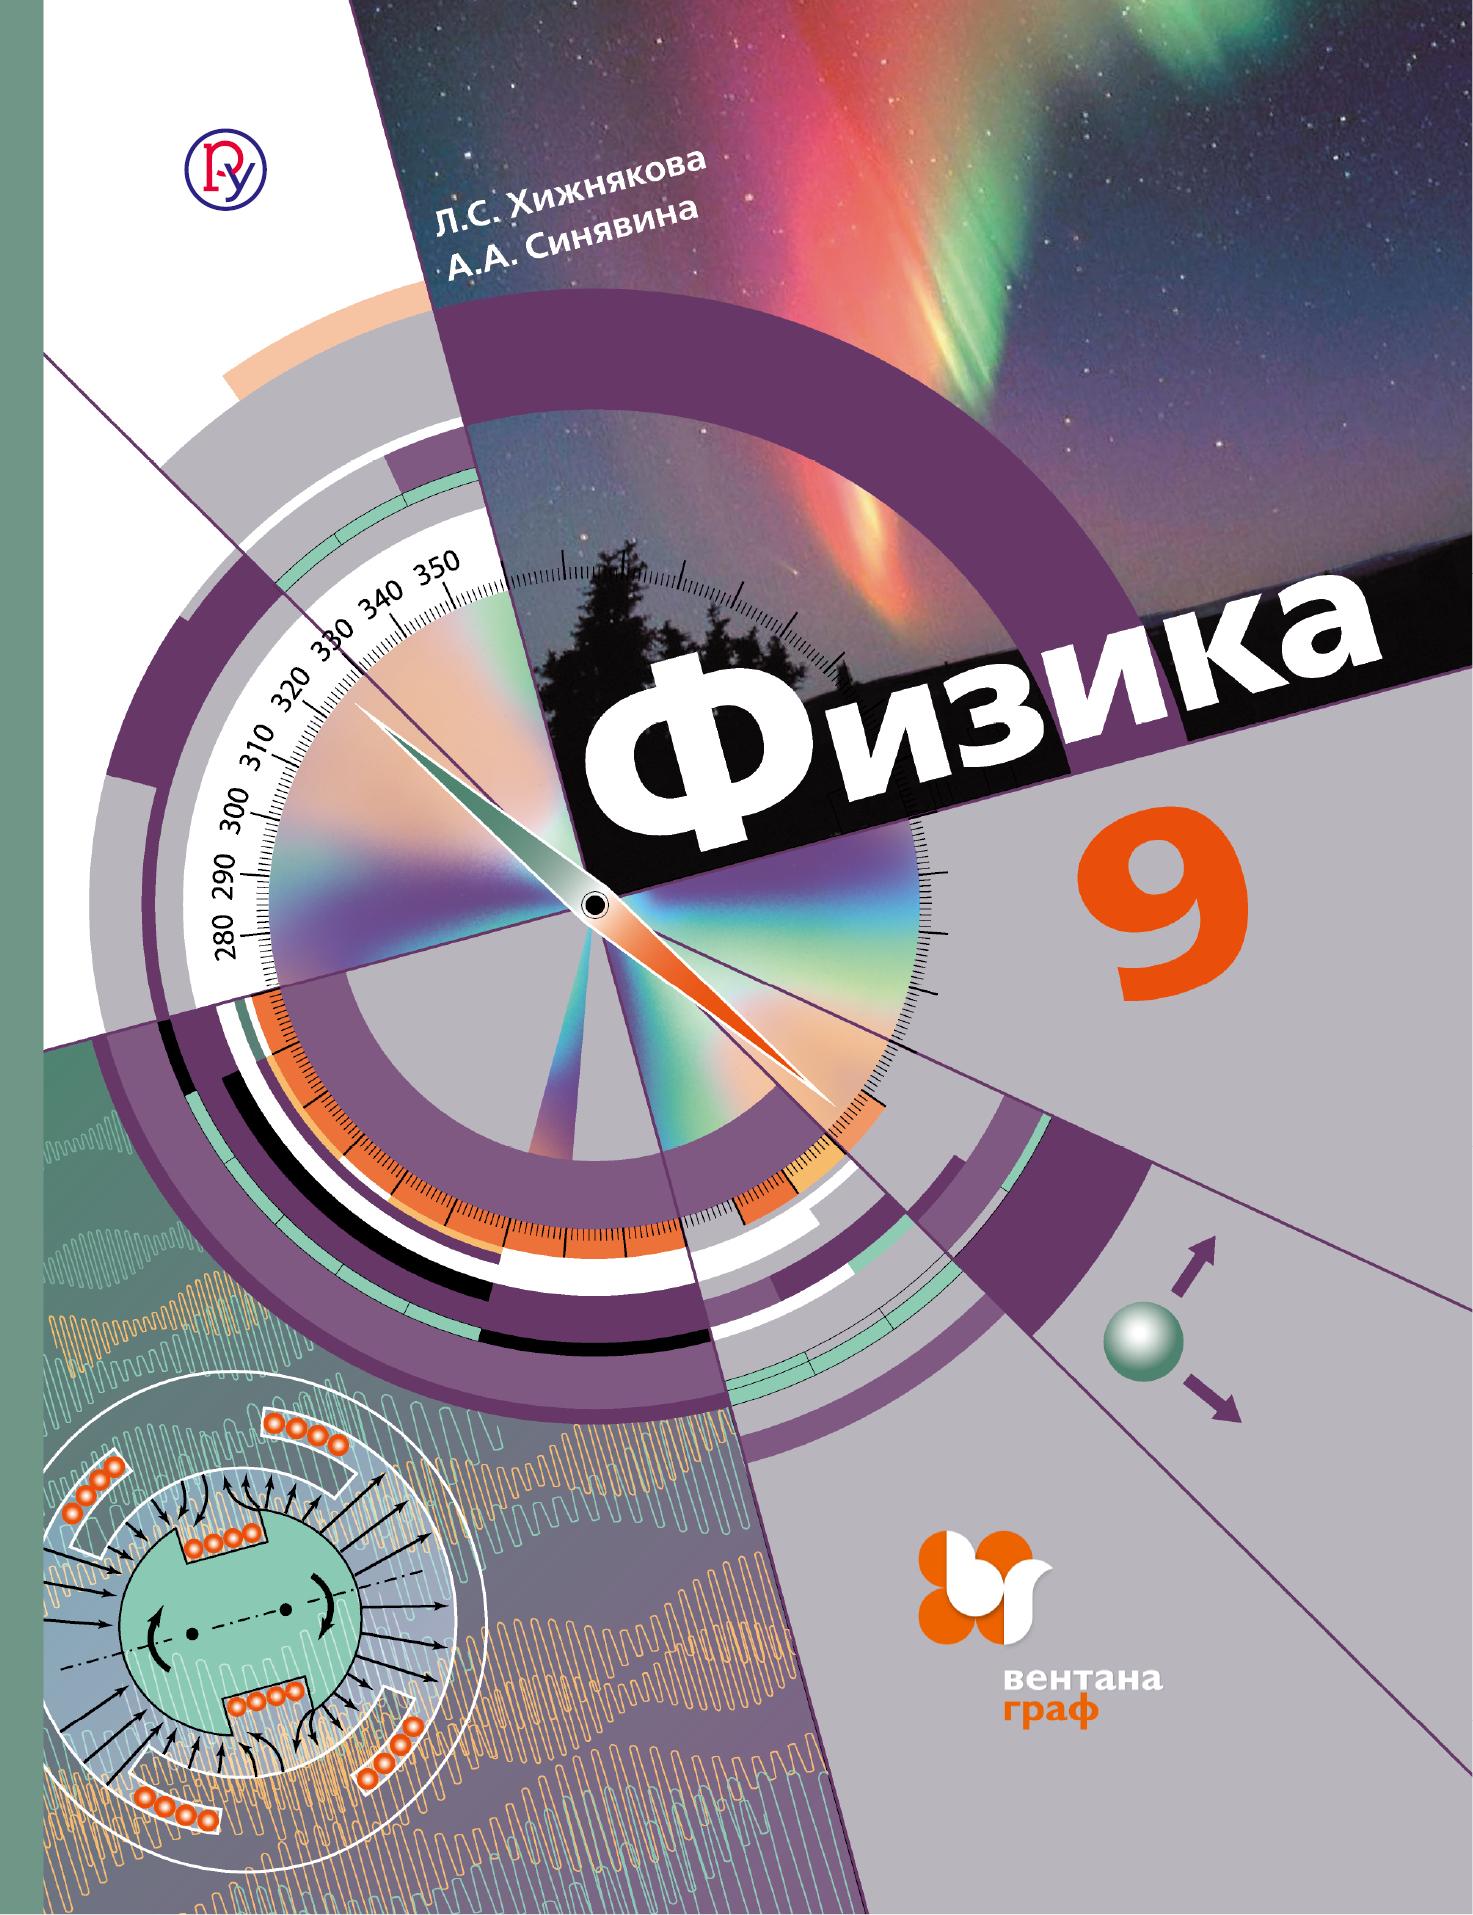 Л. С. Хижнякова,А. А. Синявина Физика. 9класс. Учебник хижнякова л с синявина а а физика 9класс учебник